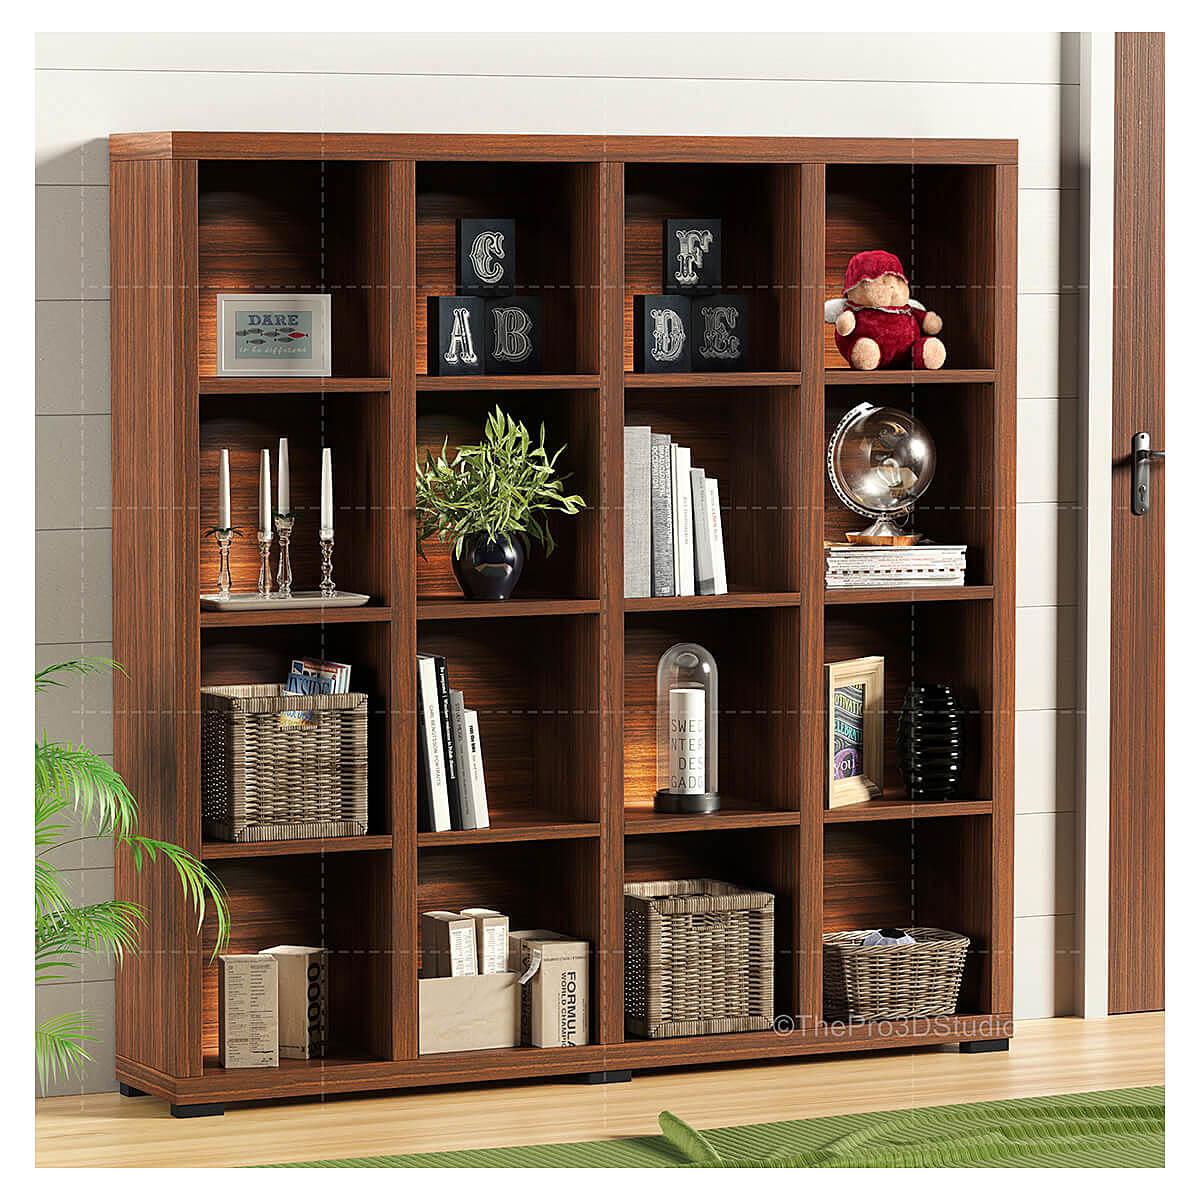 Home Enhancement Products 3D Design